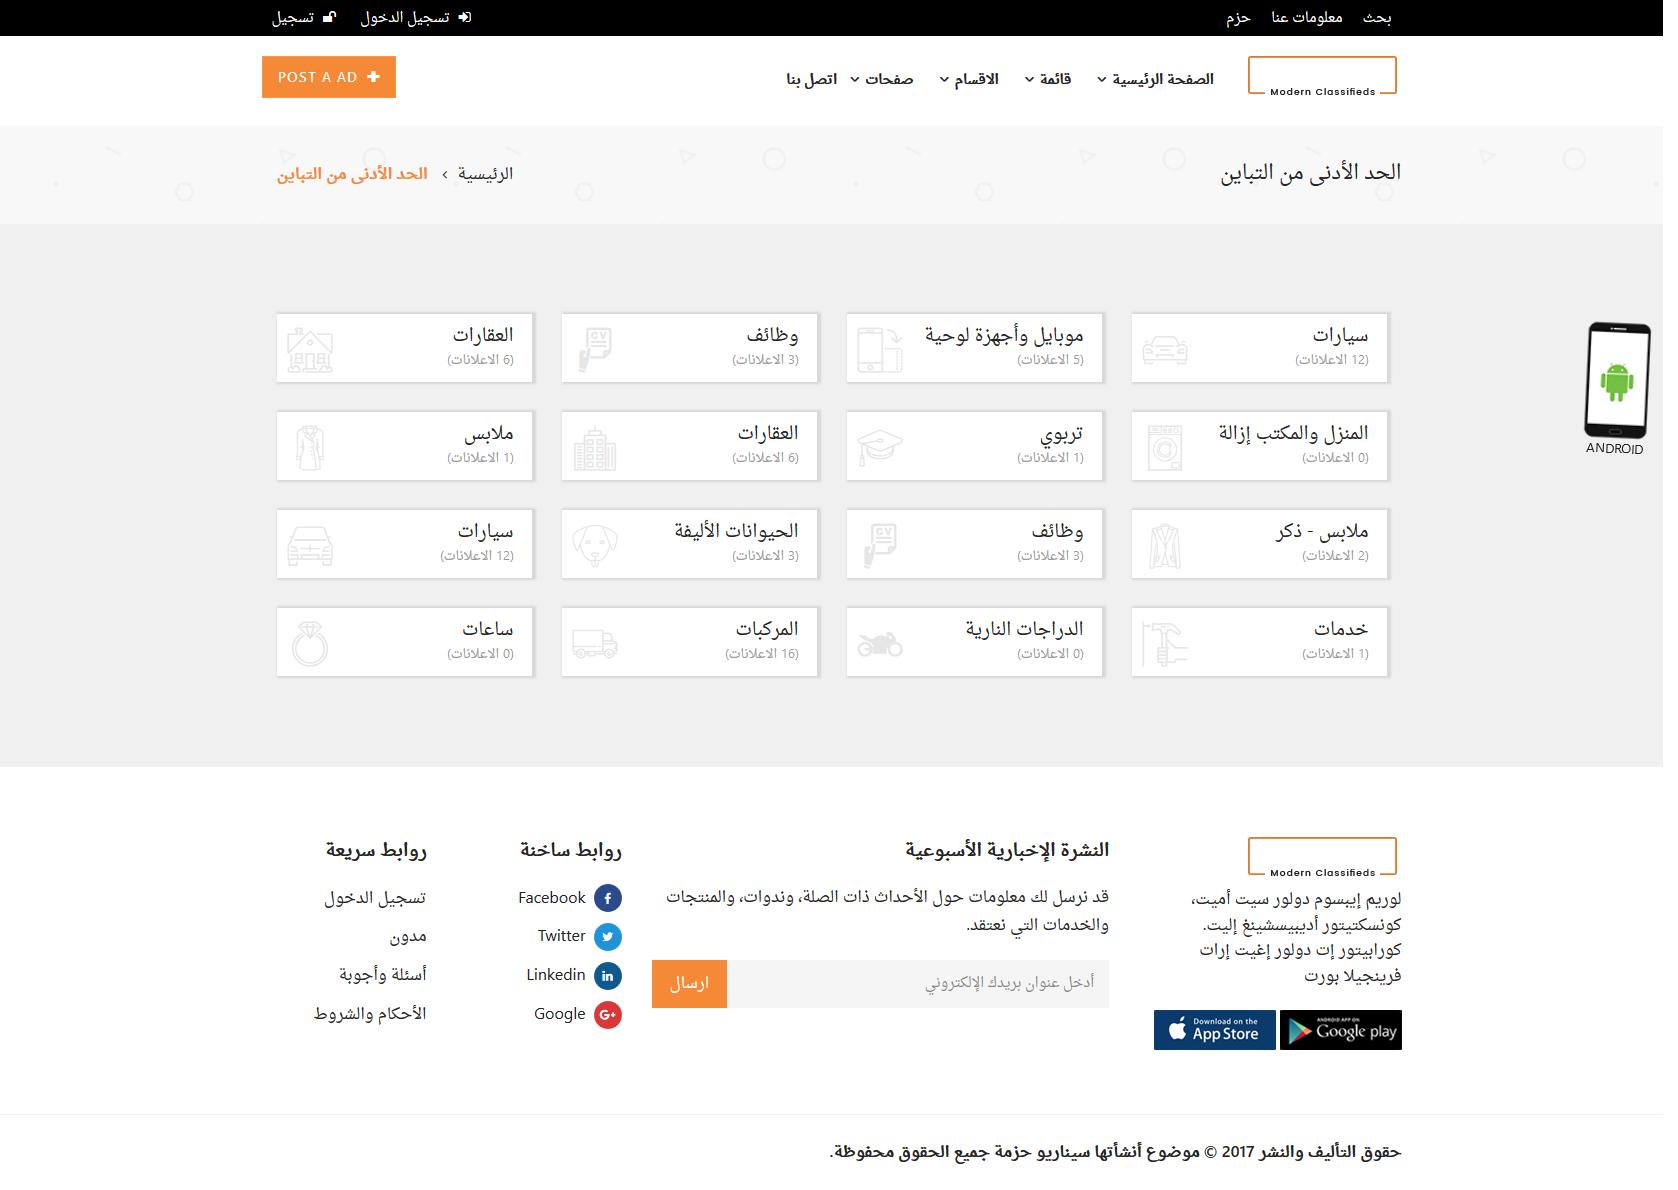 تصميم برنامج موقع سوق تسوق تسويق اعلانات مبوبة - صفحة تصنيفات أقسام الموقع فئة الحد الأدنى من التباين